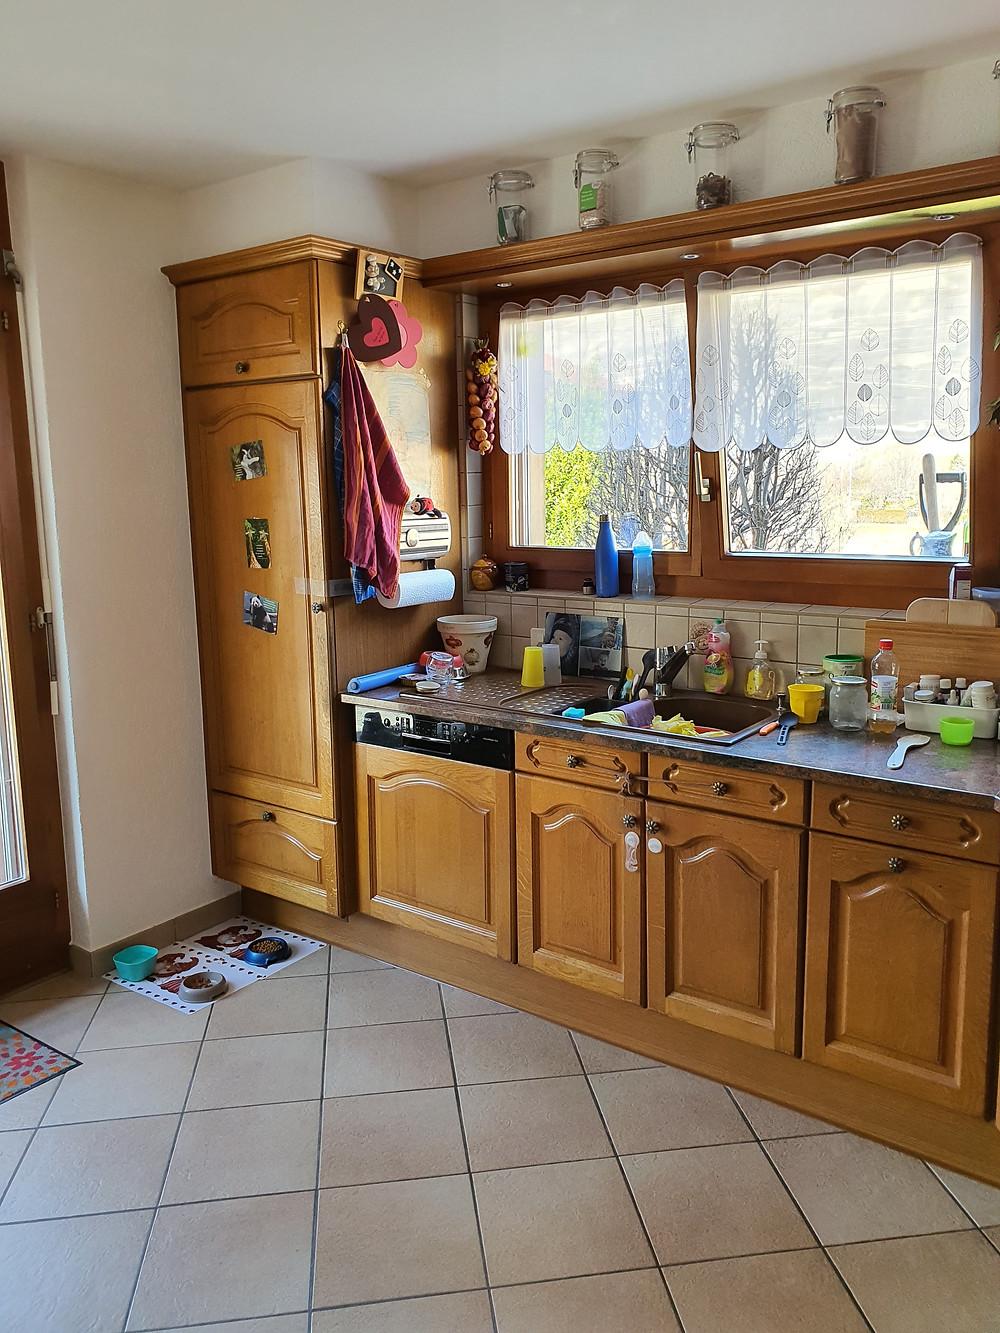 rénover cuisine en Valais - Nendaz, Sion, Sierre, Romandie - Menuiserie Glassey Fournier